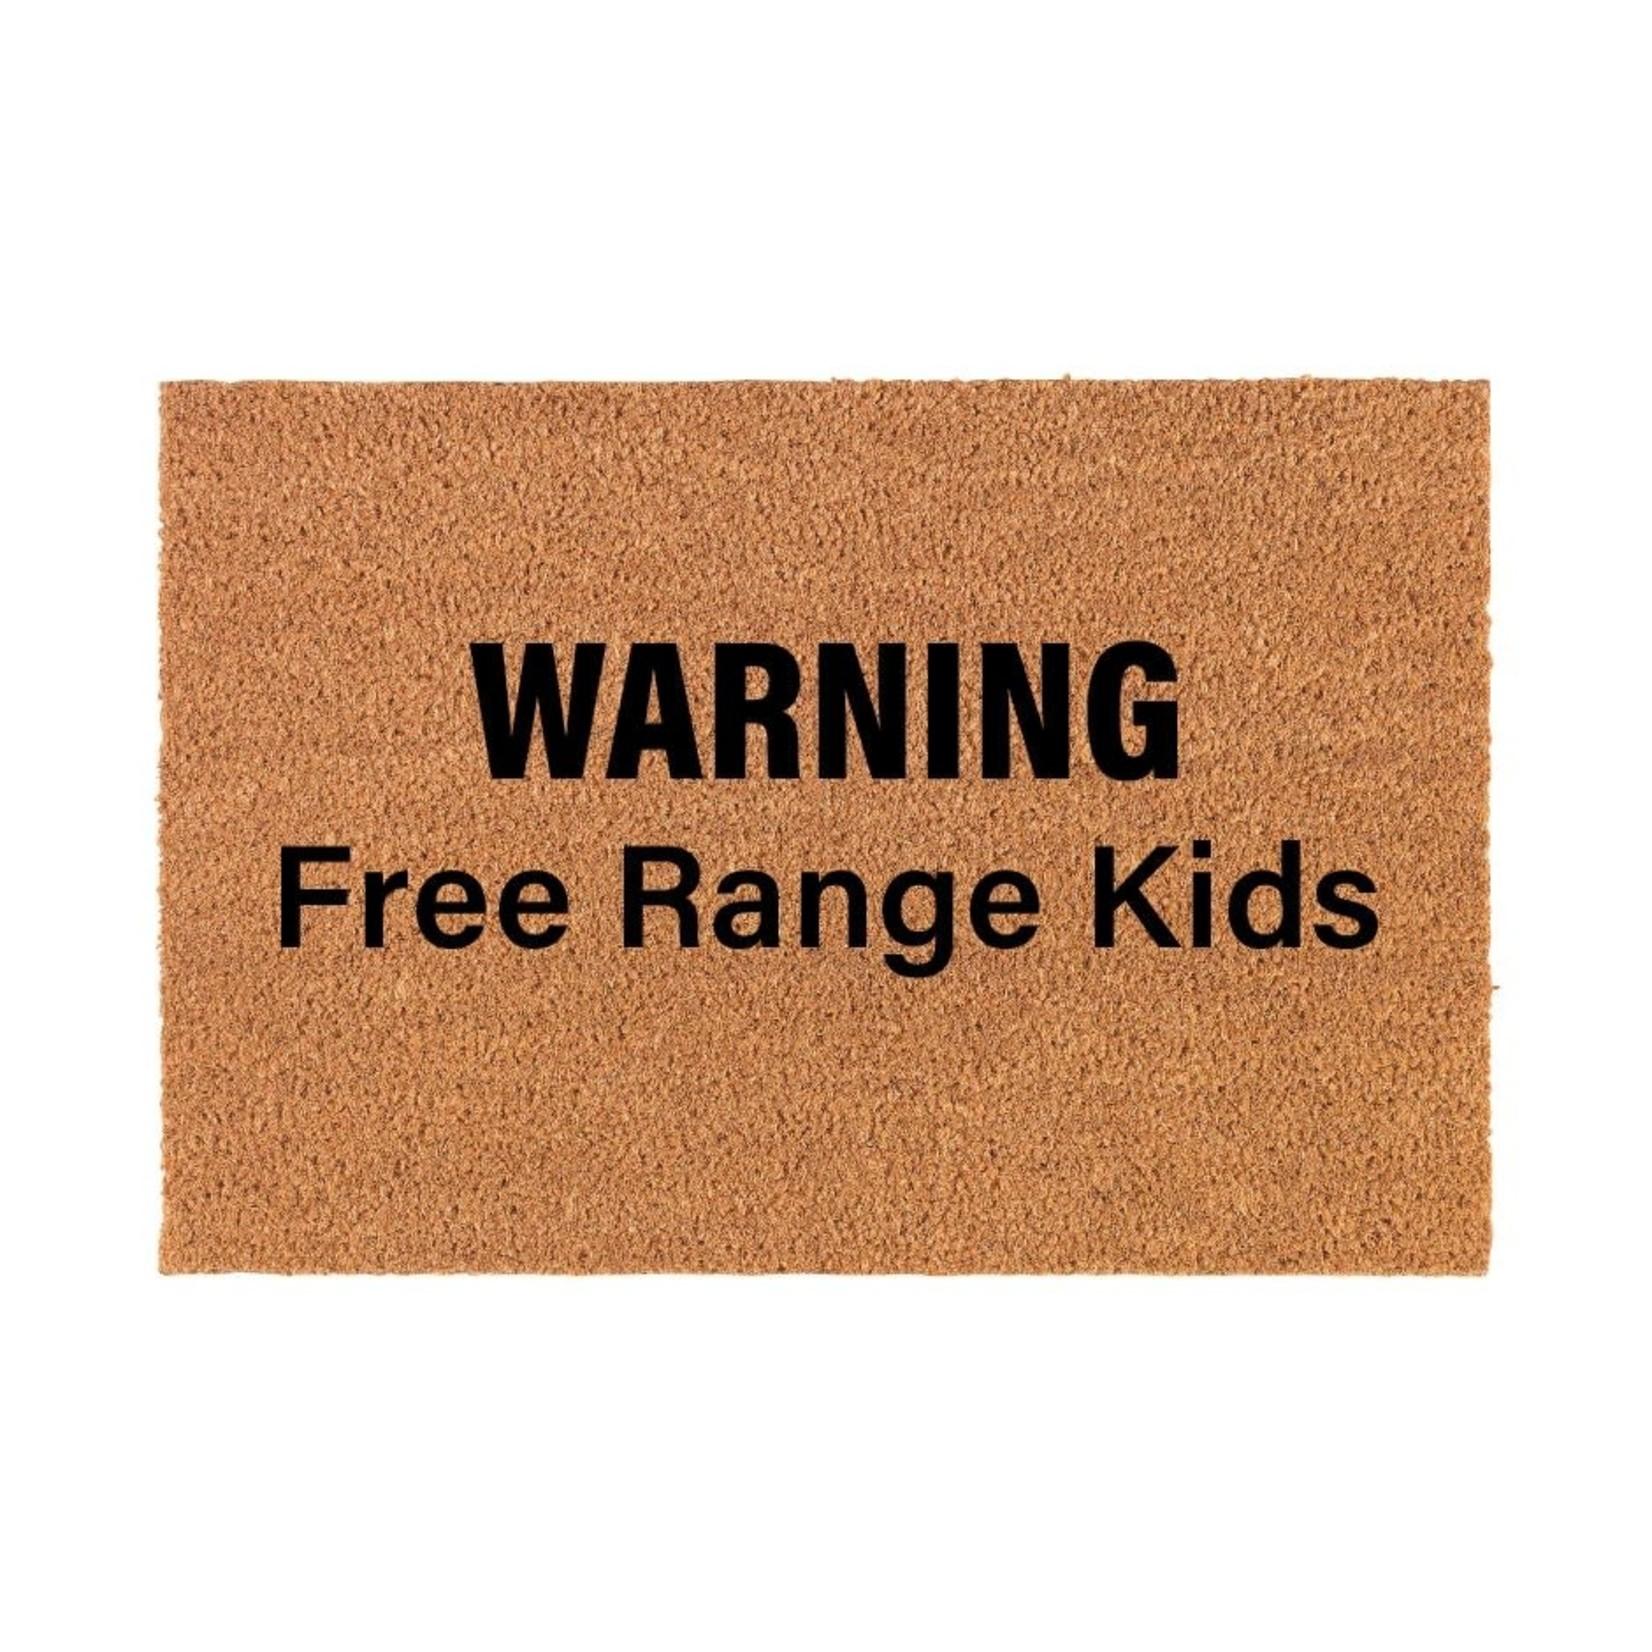 Free Range Kids Doormat